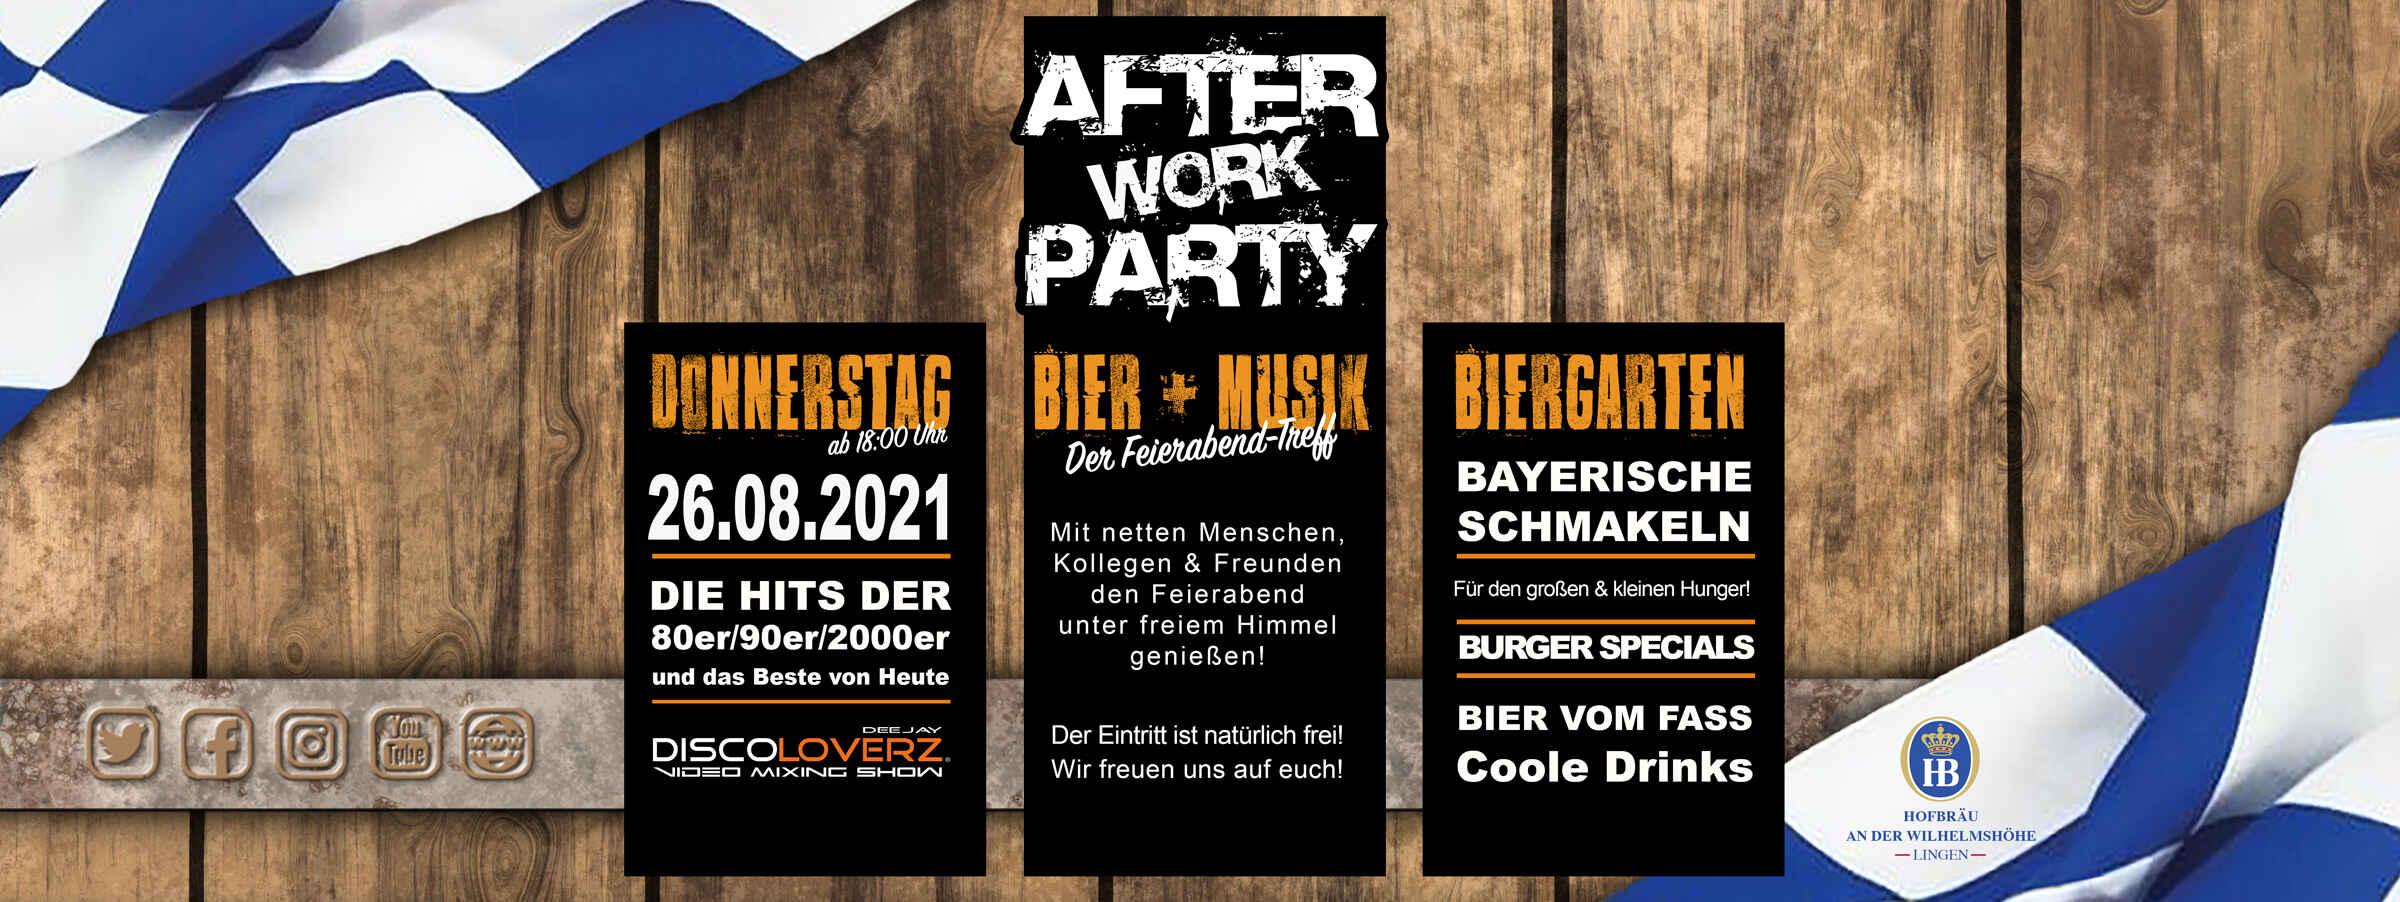 After Work Party • Hofbräugarten Lingen